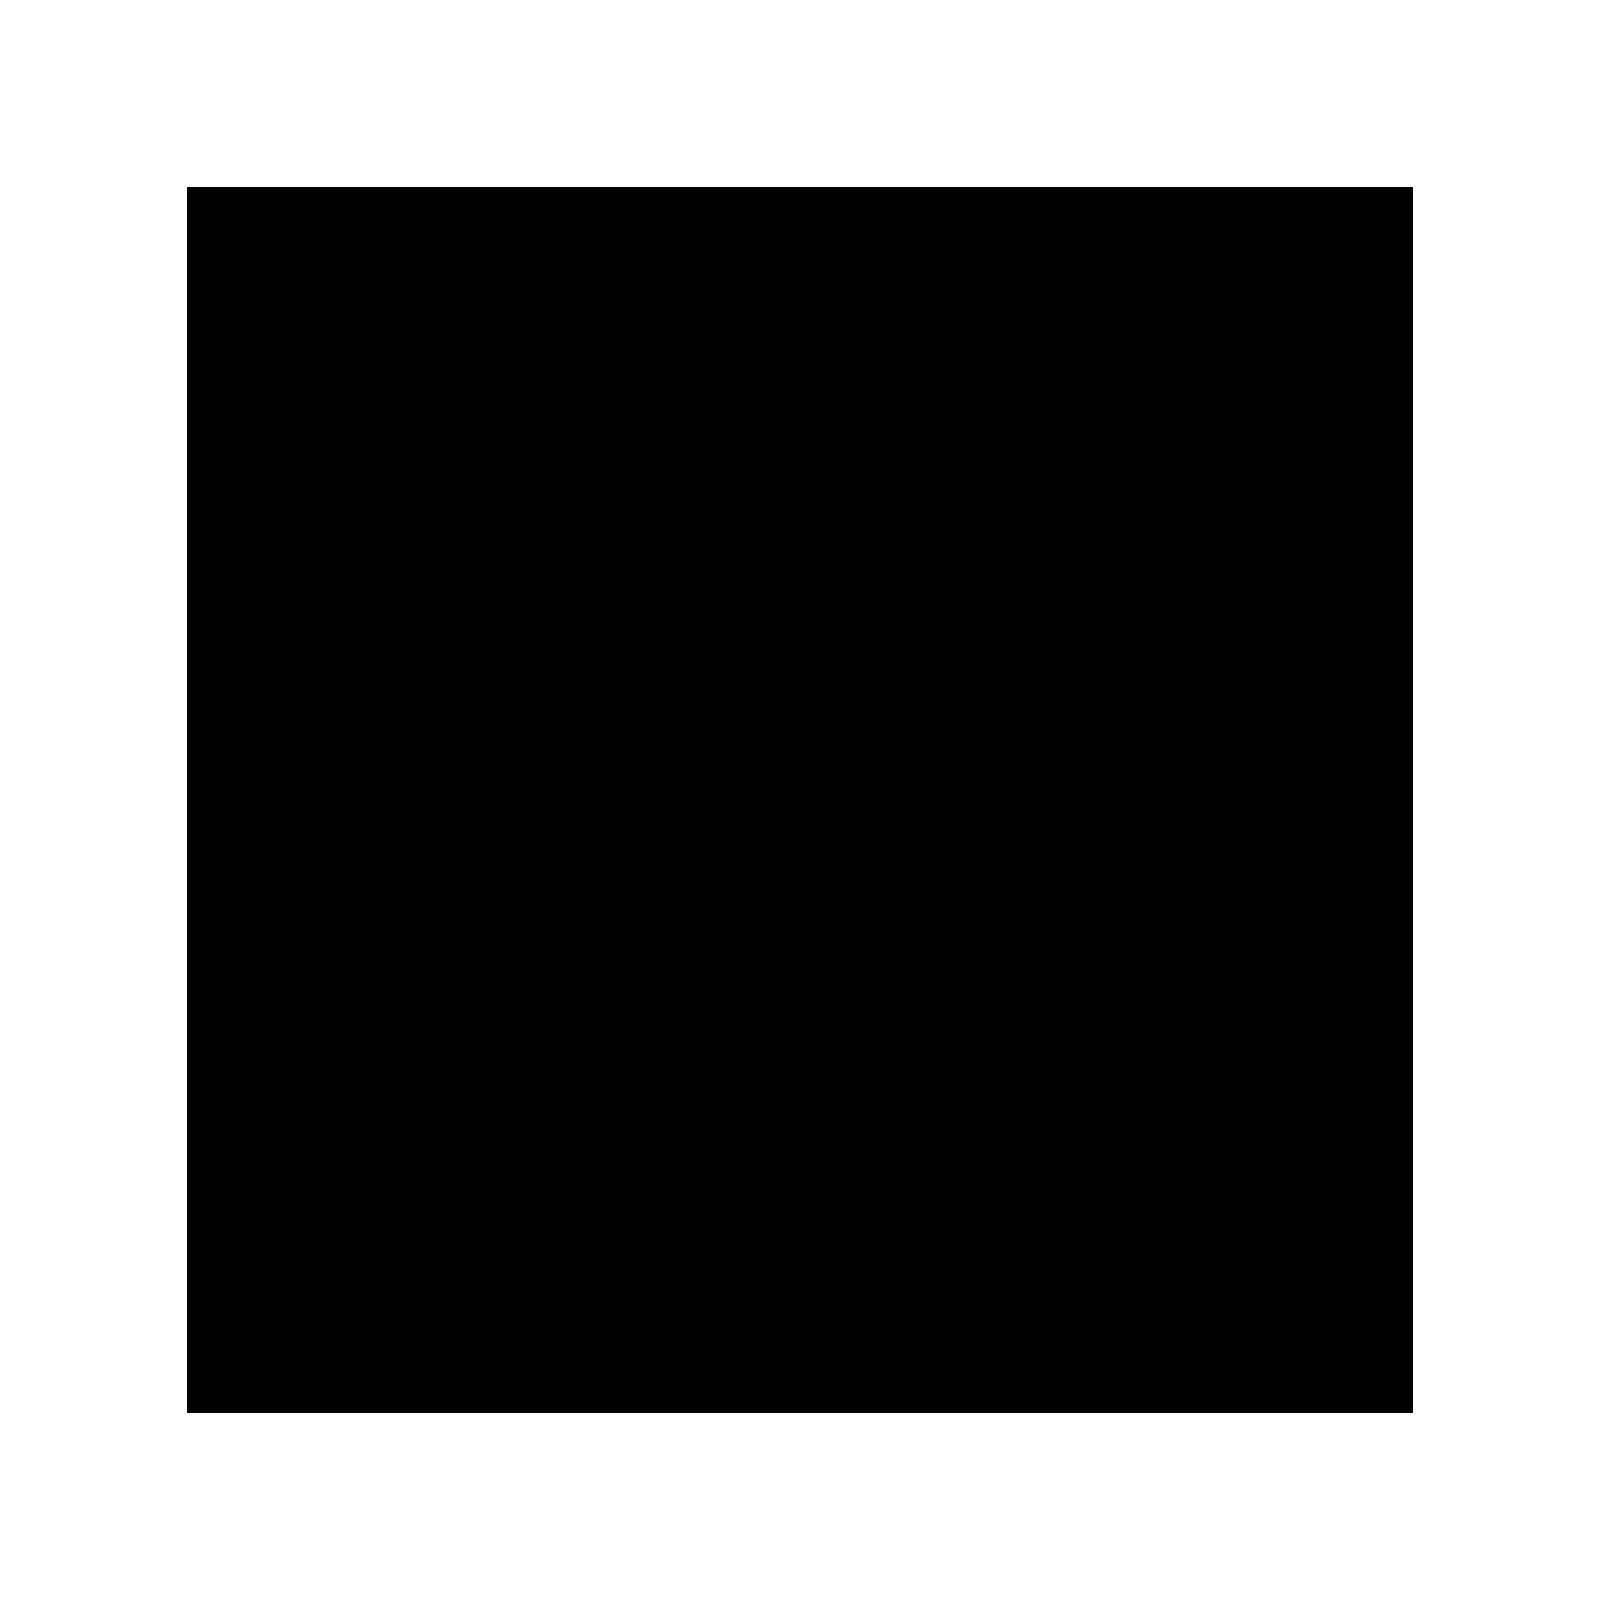 Gruppo esterno per doccia attacco inferiore